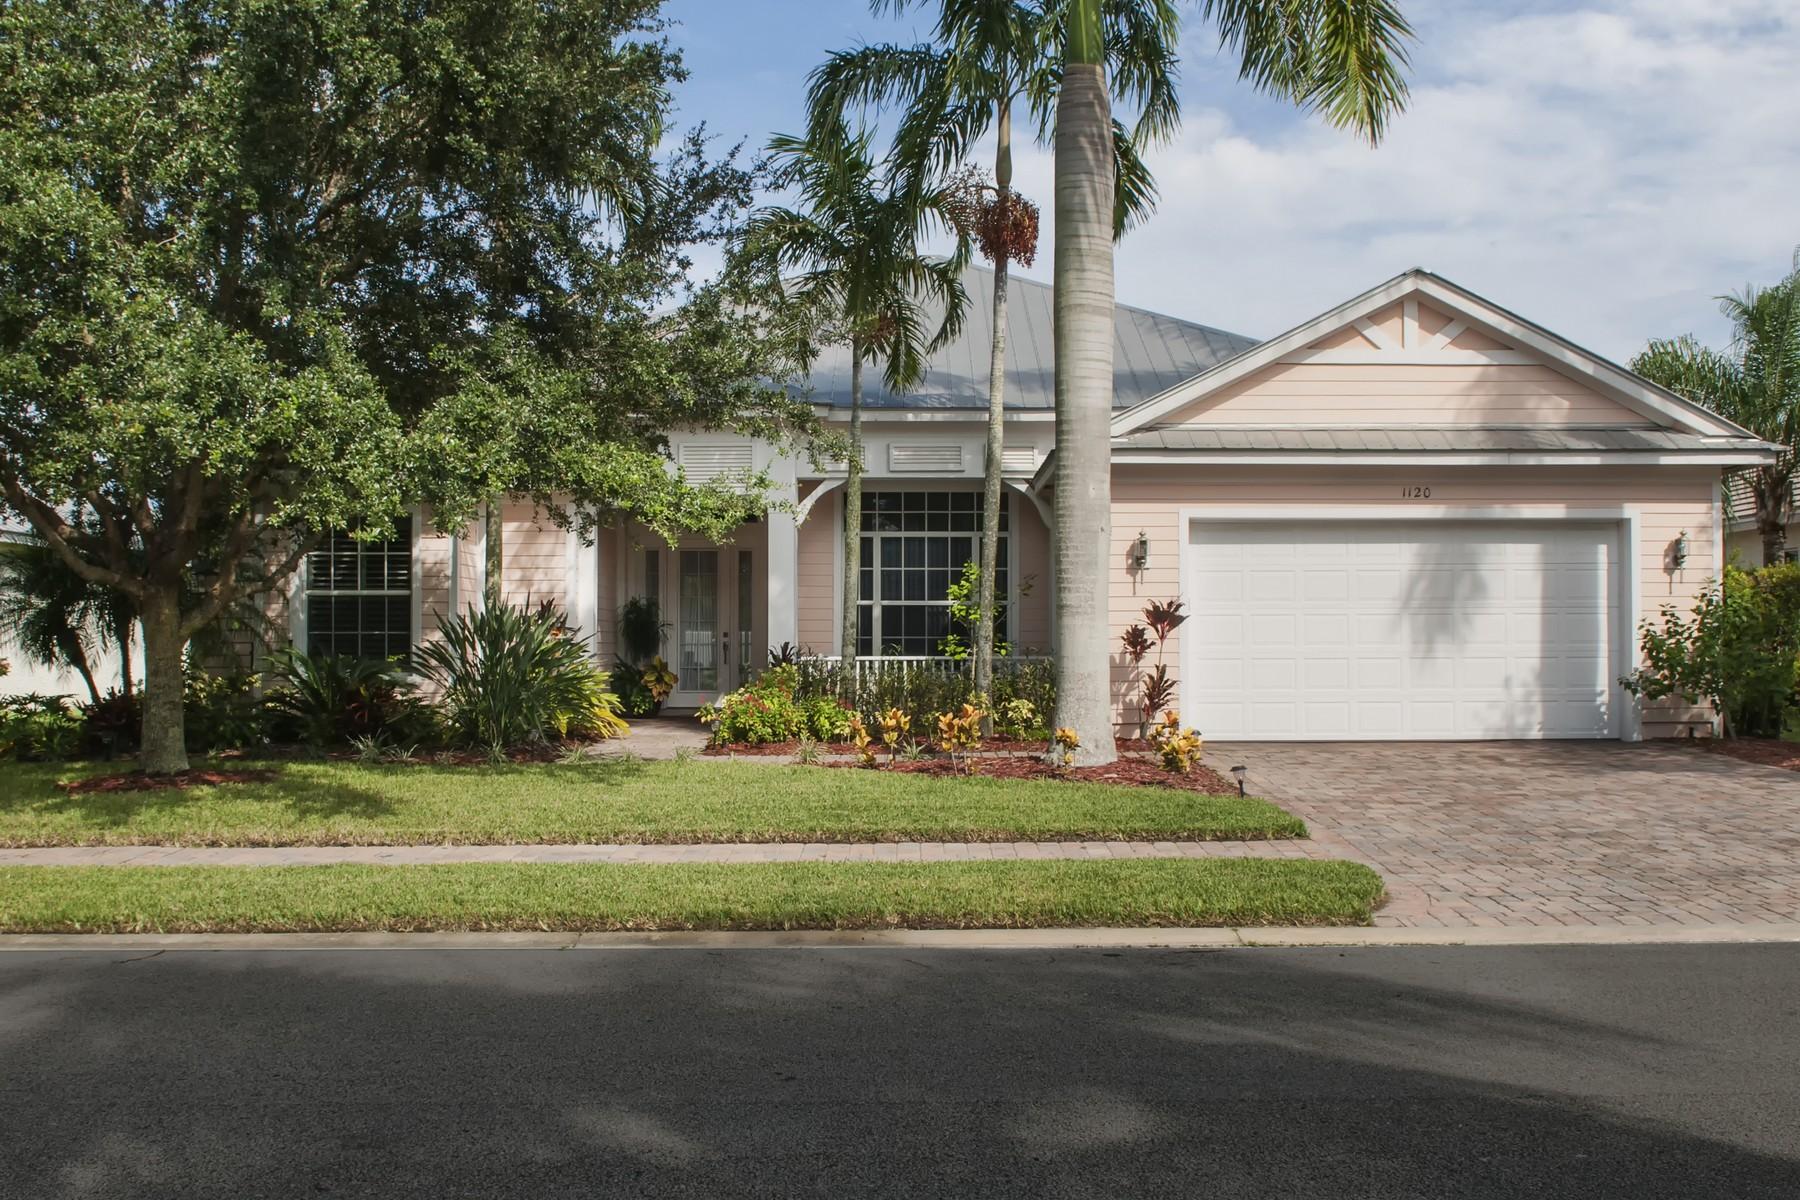 Casa Unifamiliar por un Venta en Key West Style Home 1120 Ansley Avenue SW Vero Beach, Florida, 32968 Estados Unidos